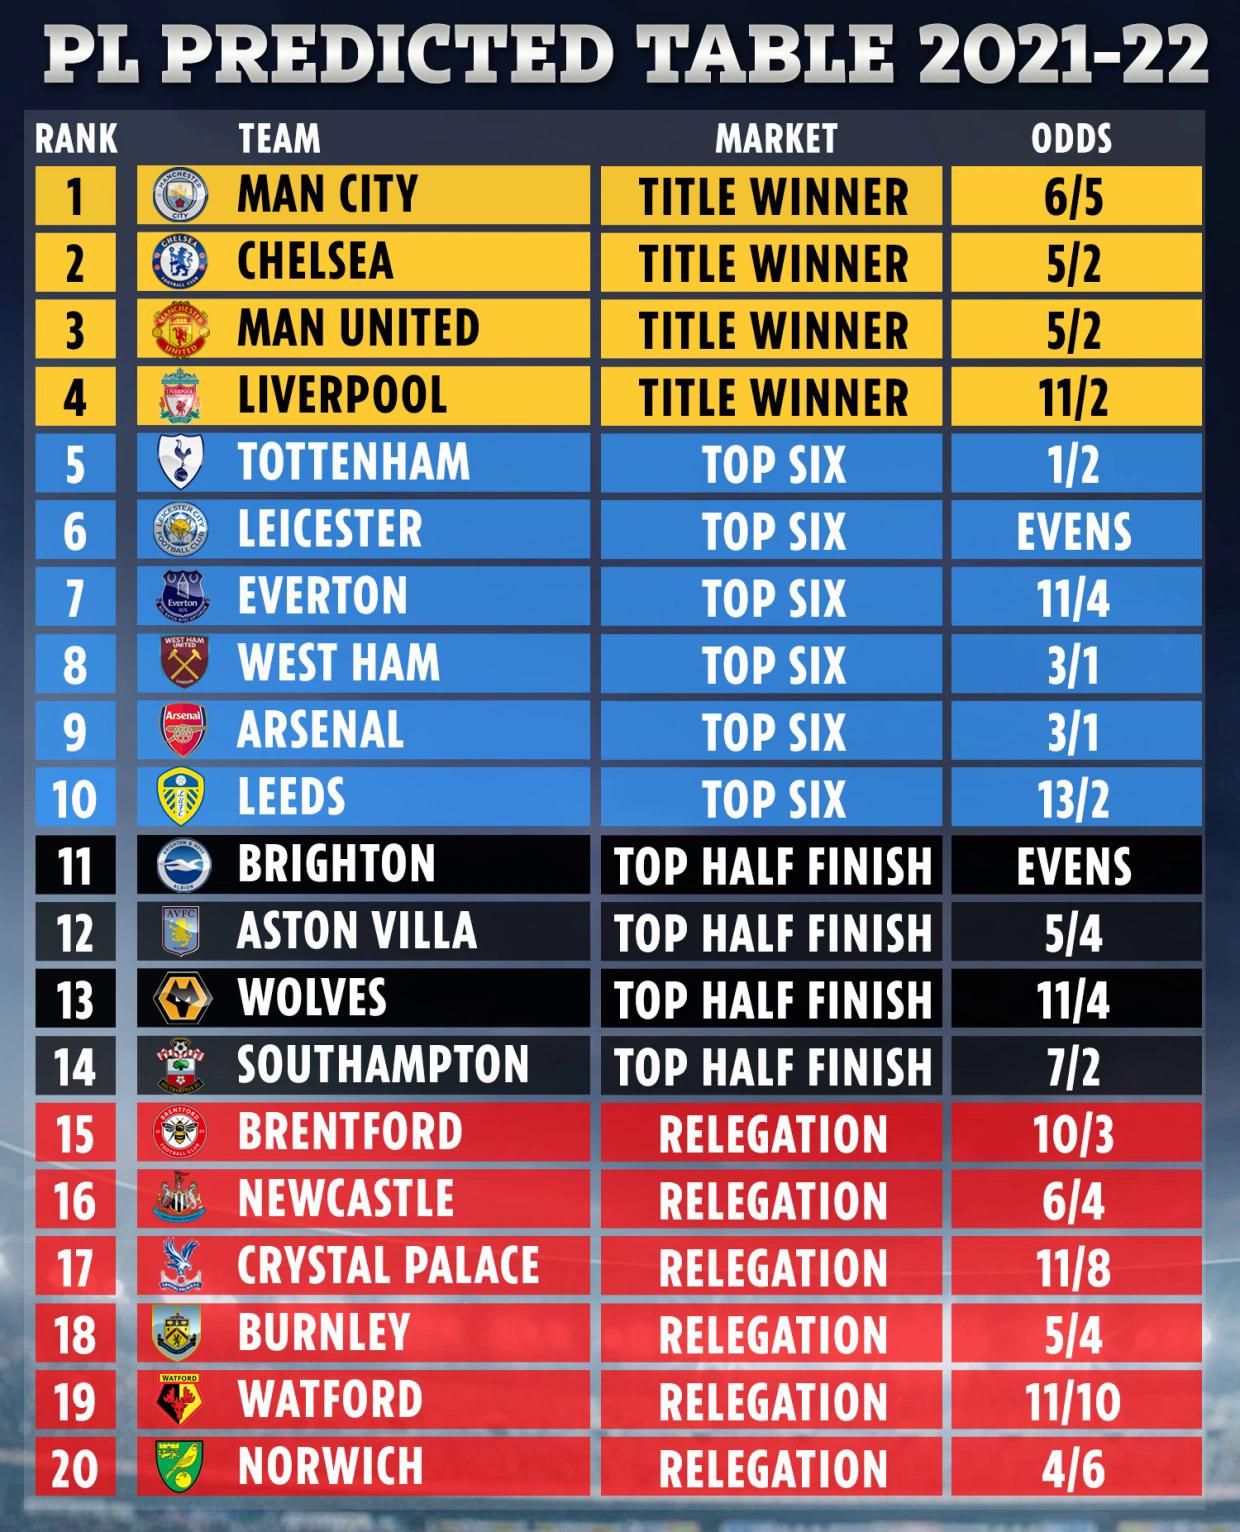 Dự đoán của siêu máy tính về kết quả ngoại hạng Anh mùa này và tỷ lệ cược cho các khả năng vô địch, top 6, top 10 và xuống hạng.